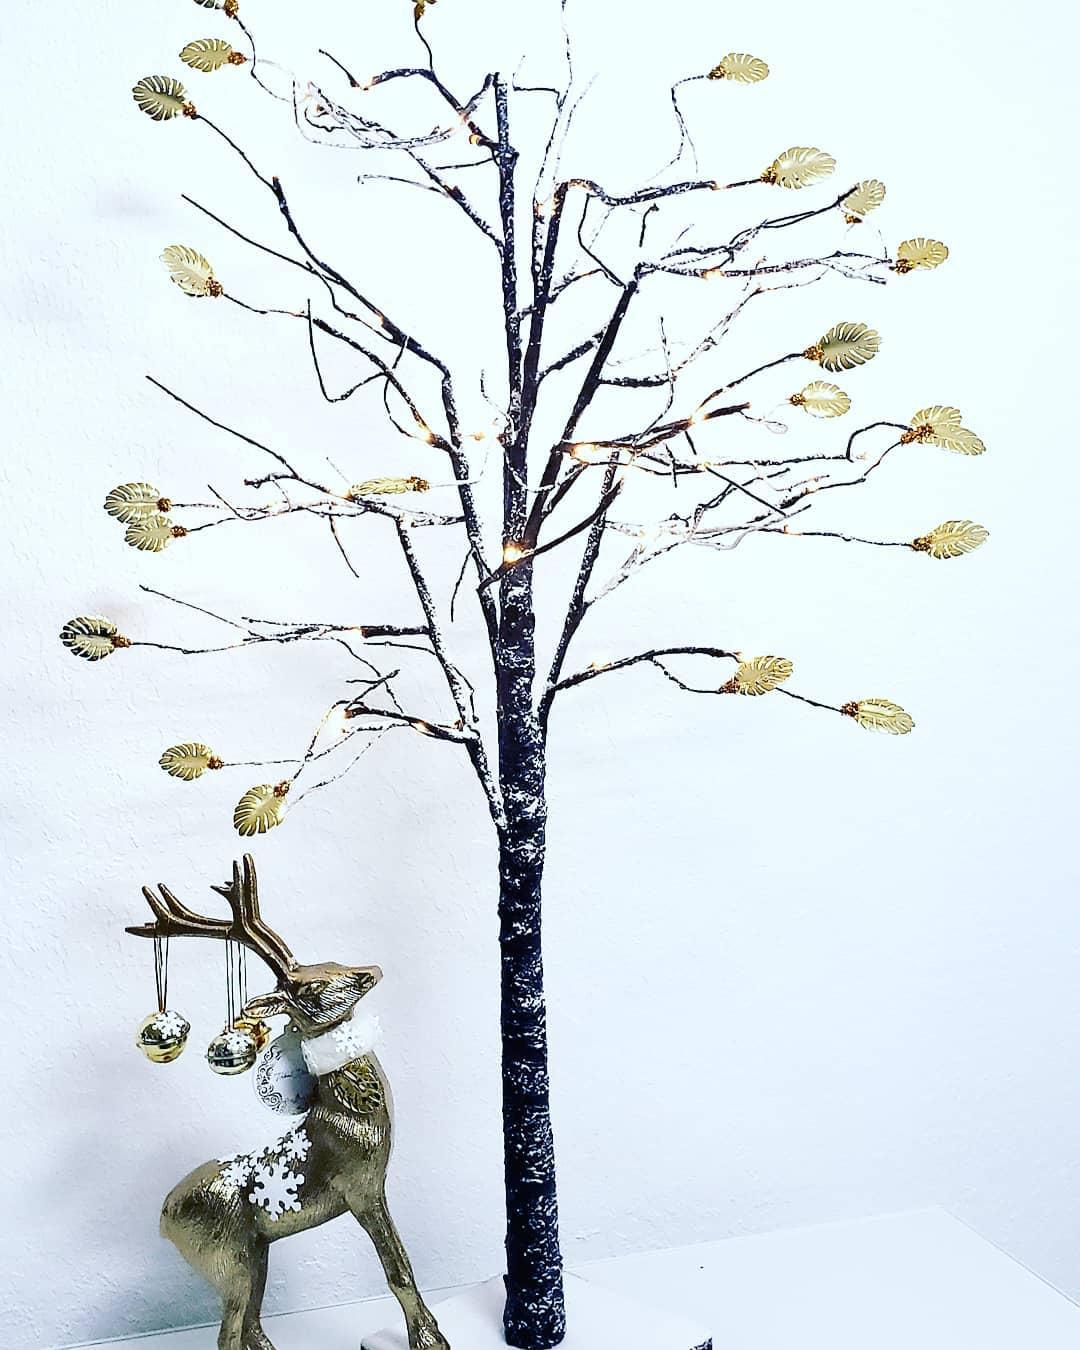 Celebração mágica26 Magicelebration26@gmail.com 786 8001964  Árvore de inverno ...